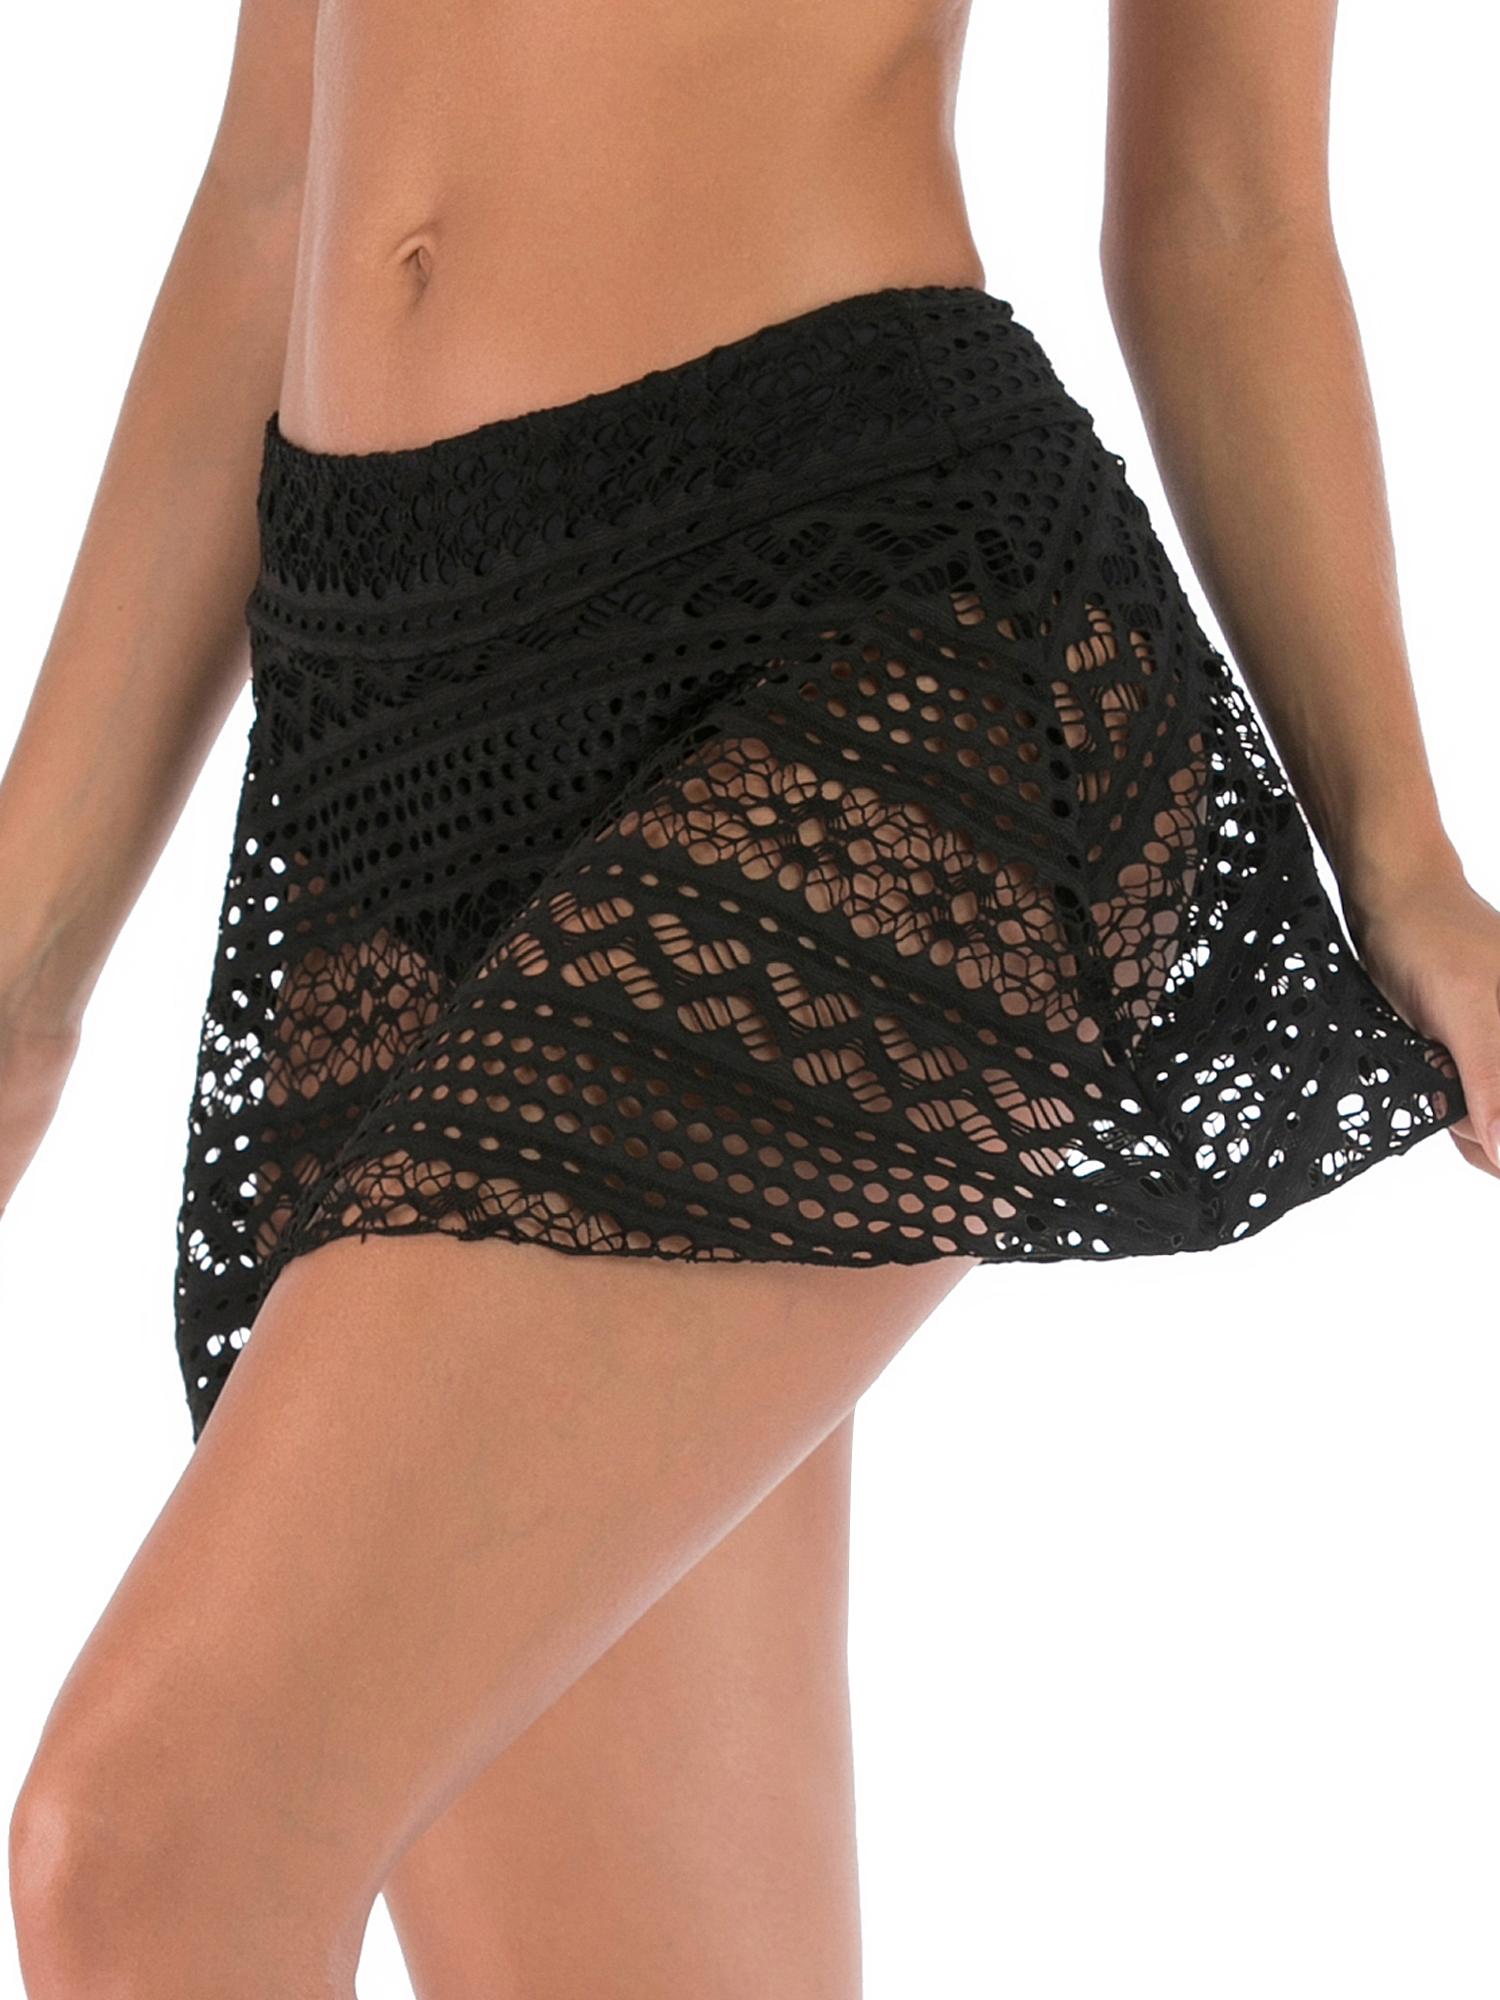 49e9a732e5 2019 New Women High Waist Swim Skirts+Briefs S-XXL Plus Size Bikini Bottom  Tankini Shorts Lace Pants Swimsuit Sexy Swimwear Swimming Bathing Suit Beach